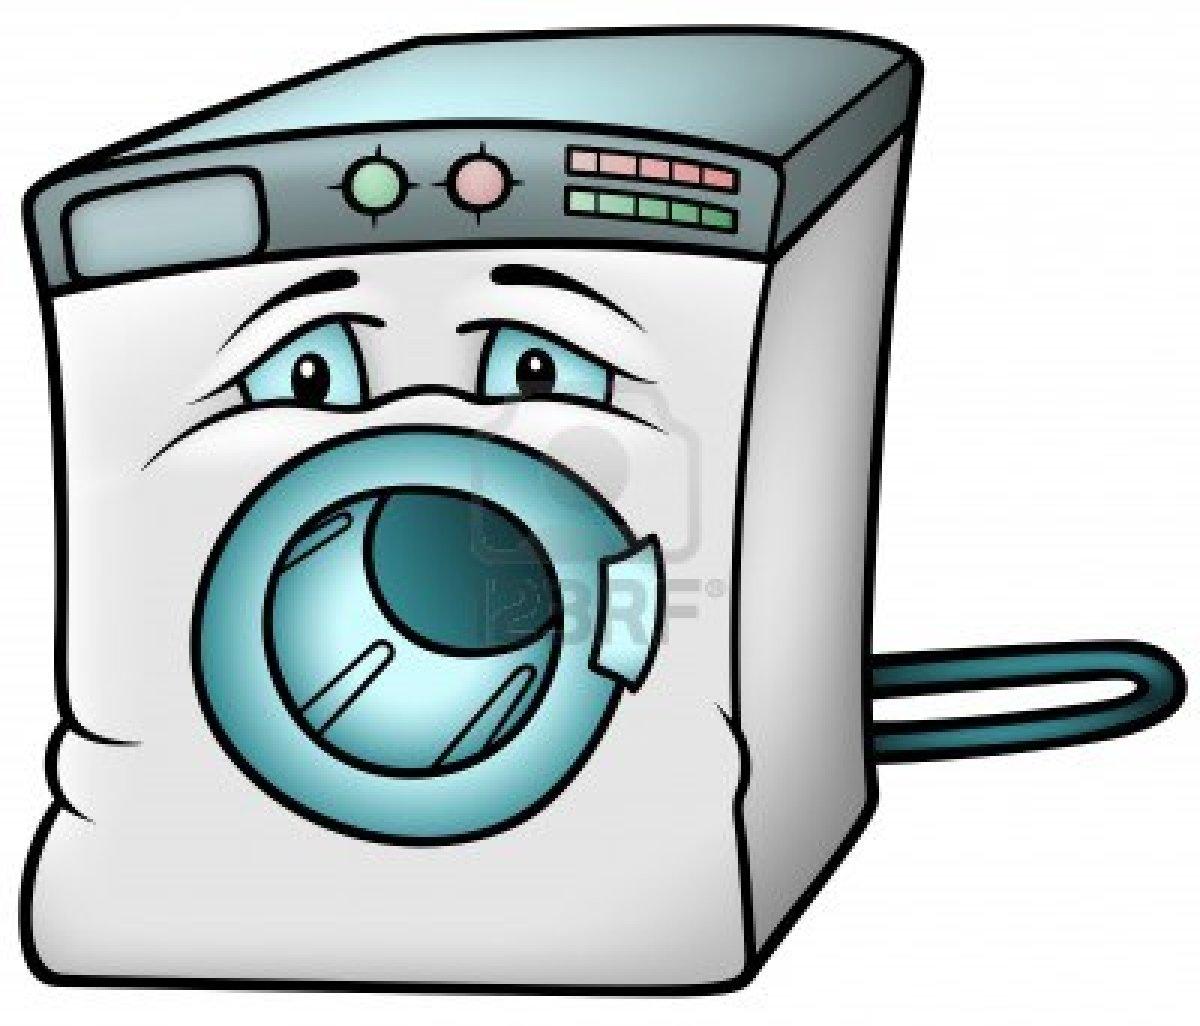 Tumble Dryer Cartoon ~ Aprendiendo de los hijos como pudo acabar mi mp en la